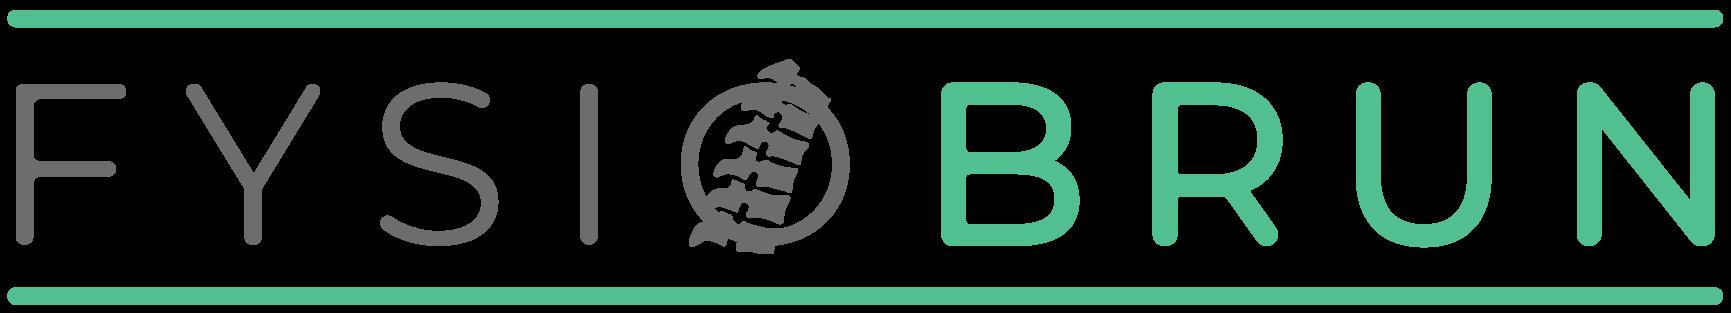 FysioBrun